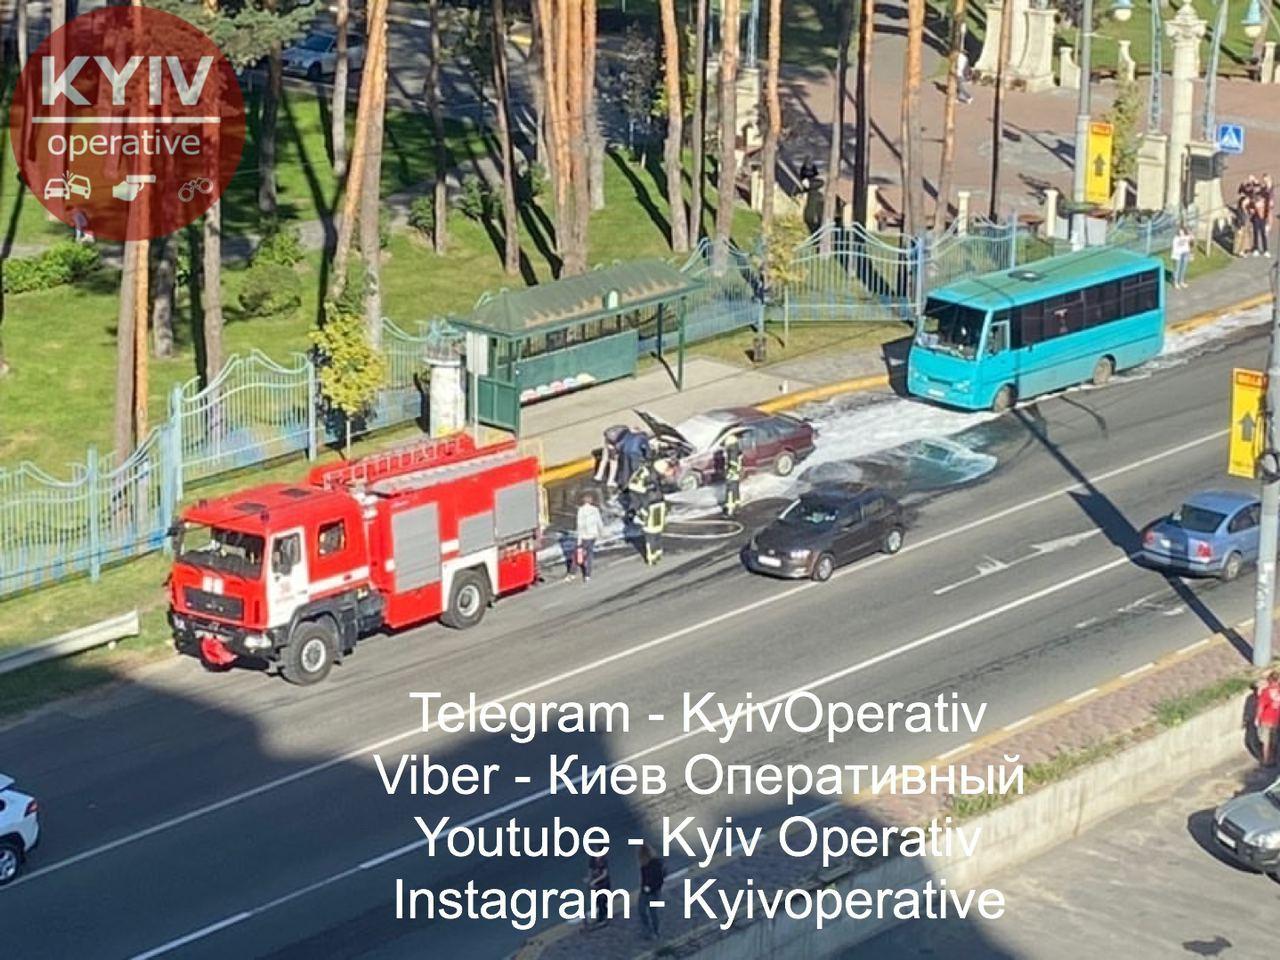 В Ірпені під час руху загорівся автомобіль -  - photo 2020 09 14 09 50 00